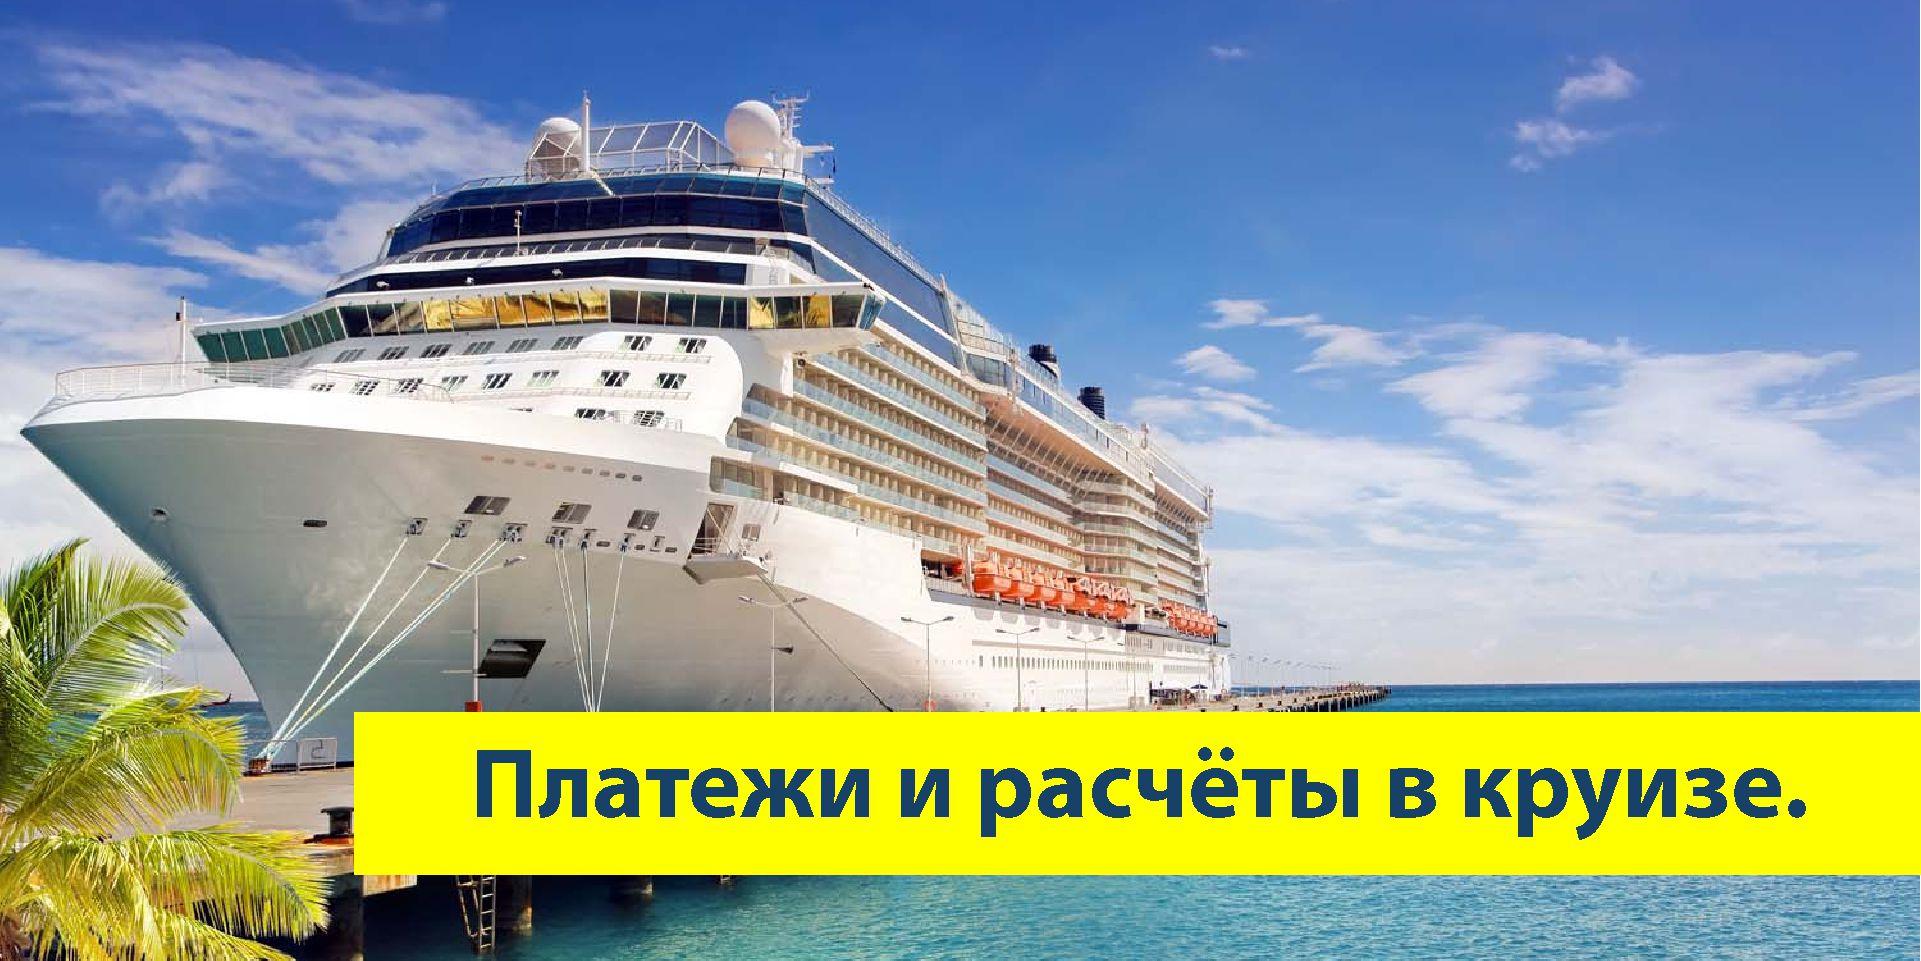 Платежи и расходы в круизе: что Вас ждёт на борту круизного лайнера.